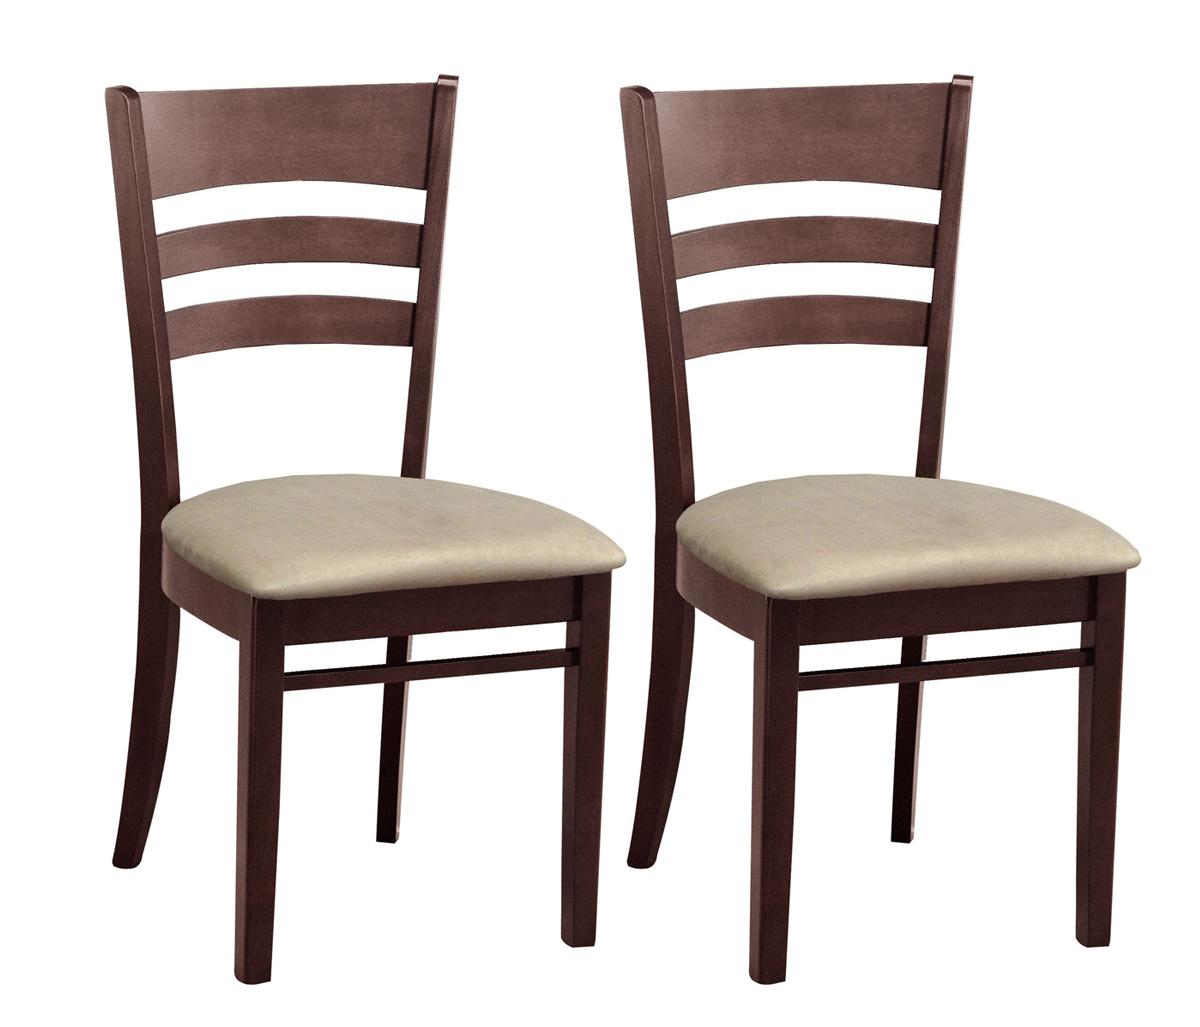 chaise cuisine solde pr l vement d 39 chantillons et une bonne id e de concevoir. Black Bedroom Furniture Sets. Home Design Ideas